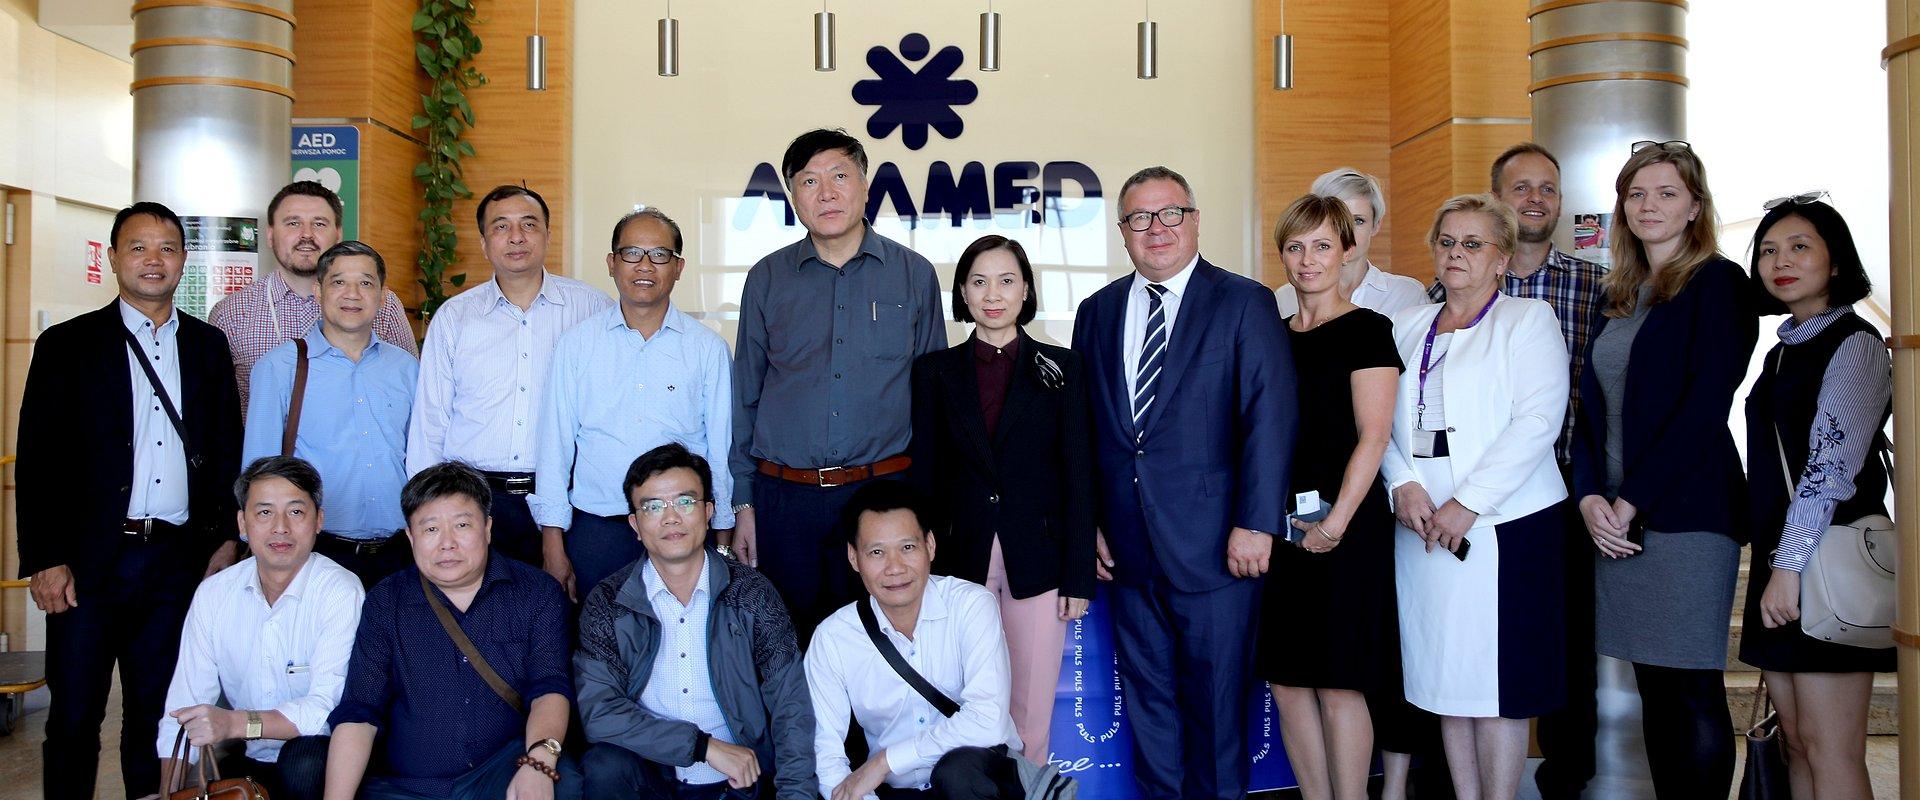 Oficjalna Wizyta Przedstawicieli Wietnamskiego Ministerstwa Zdrowia W Adamedzie